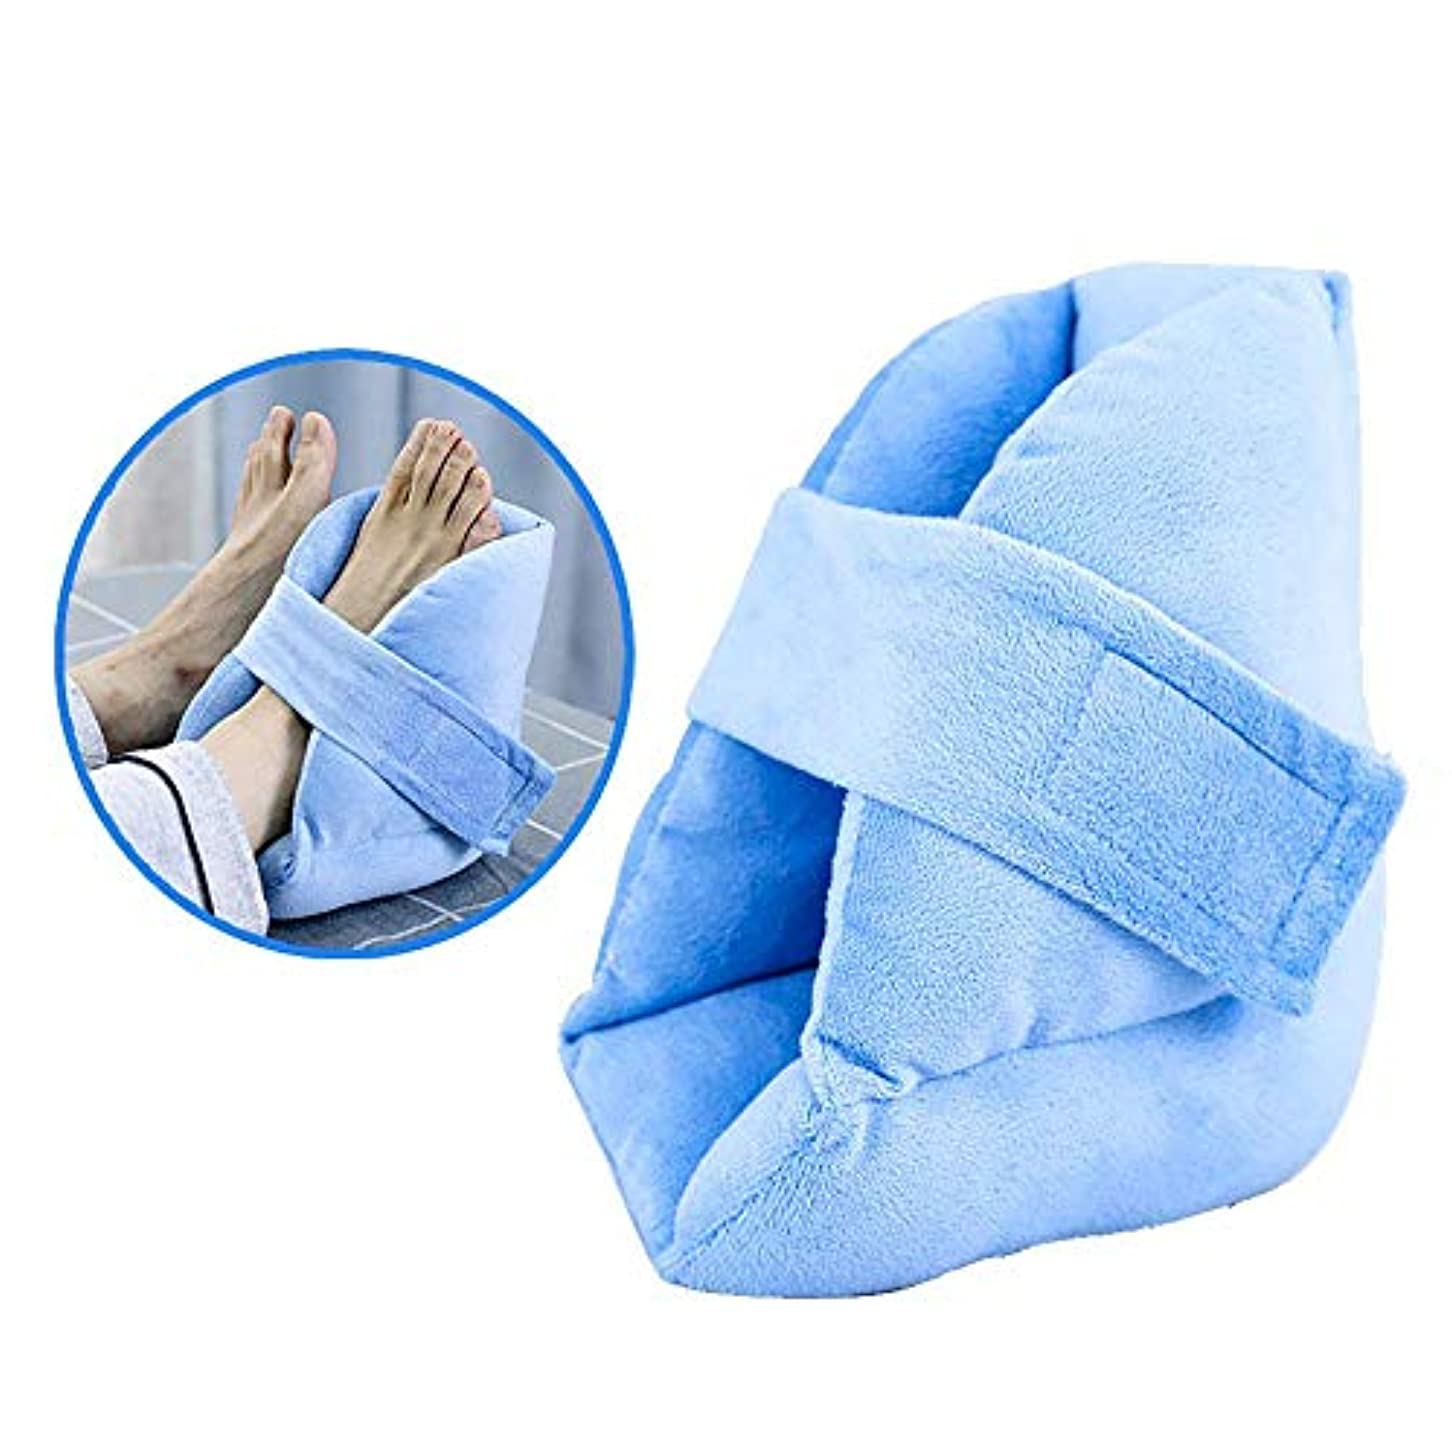 従者インセンティブ動かす褥瘡用ヒールクッションプロテクター 高弾性スポンジ充填 - 高齢者用足補正カバー